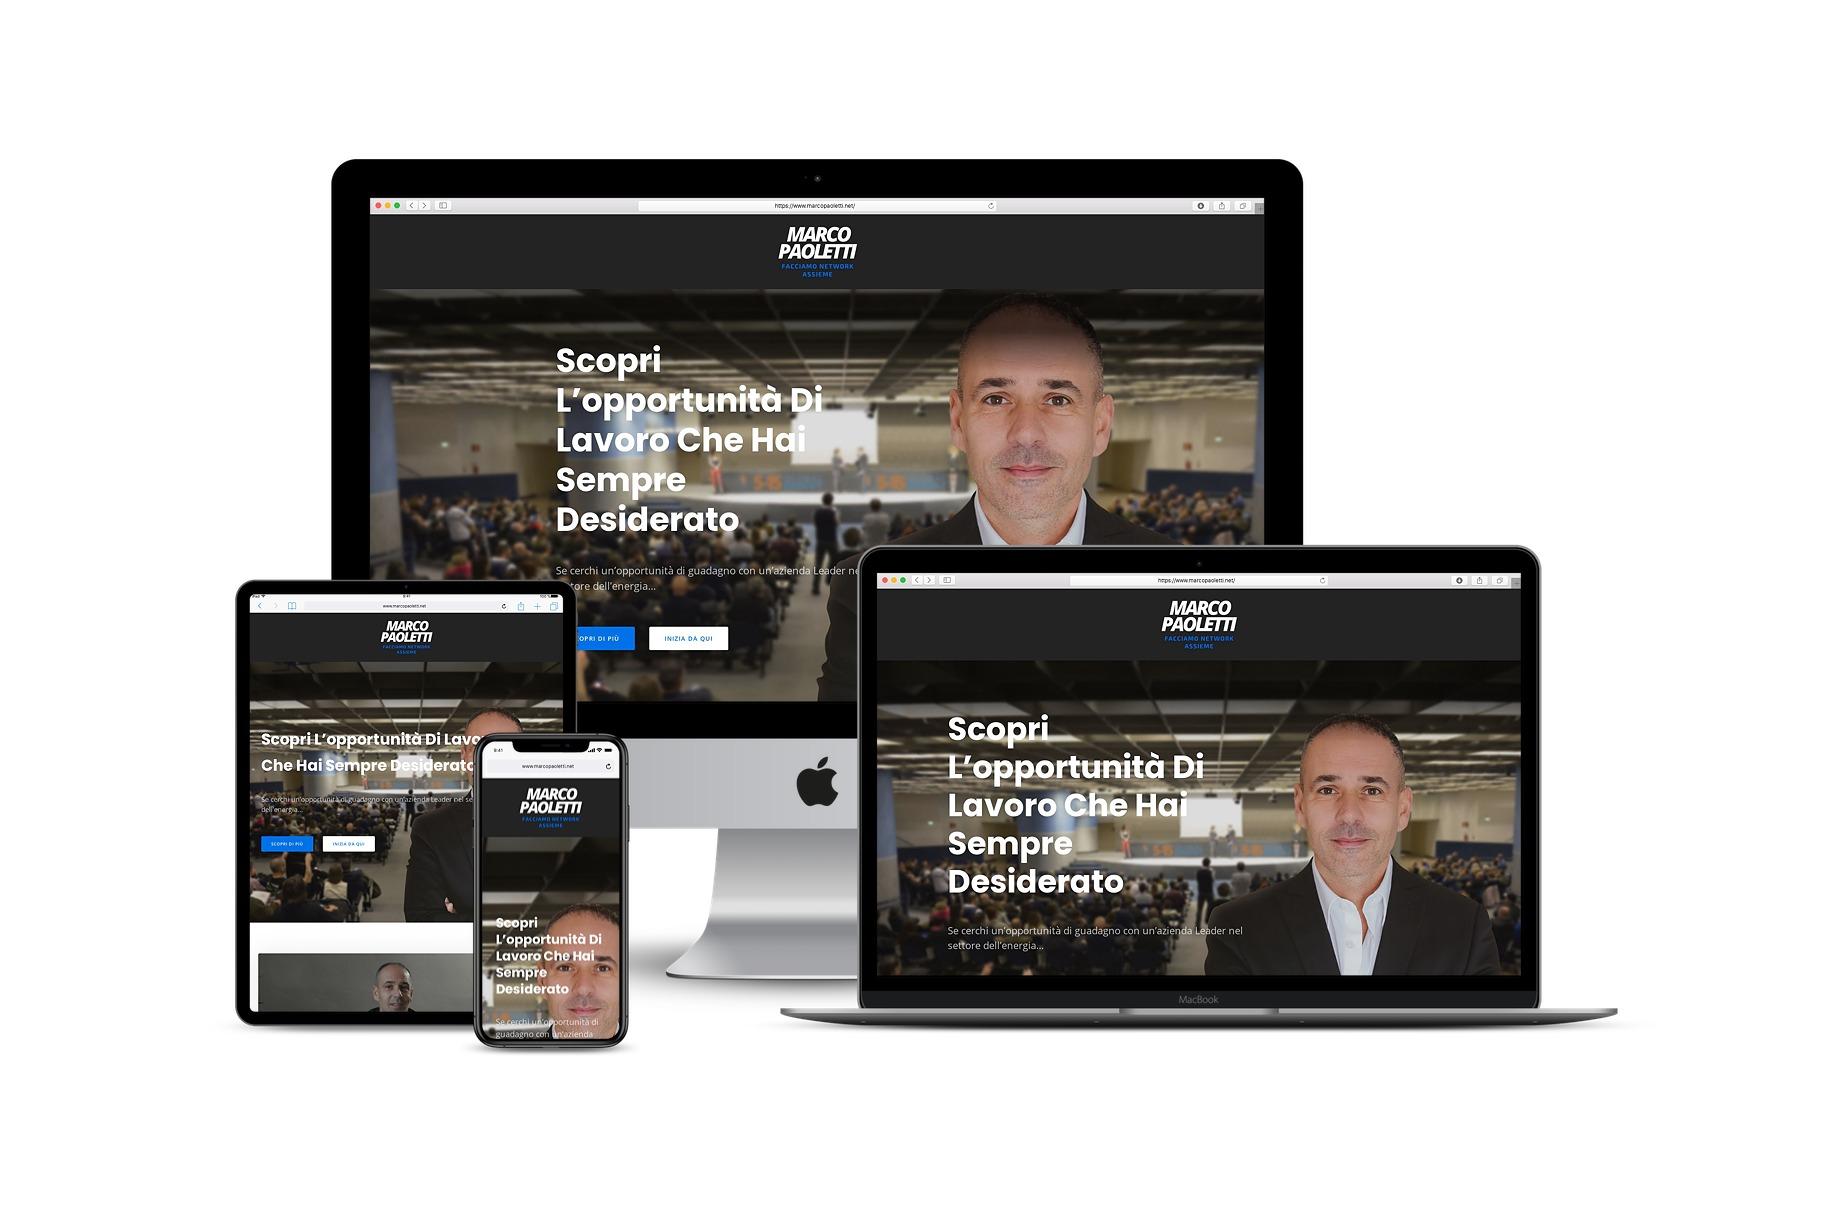 Sito Web network marketing con Funnel di MarketingLink: www.marcopaoletti.net